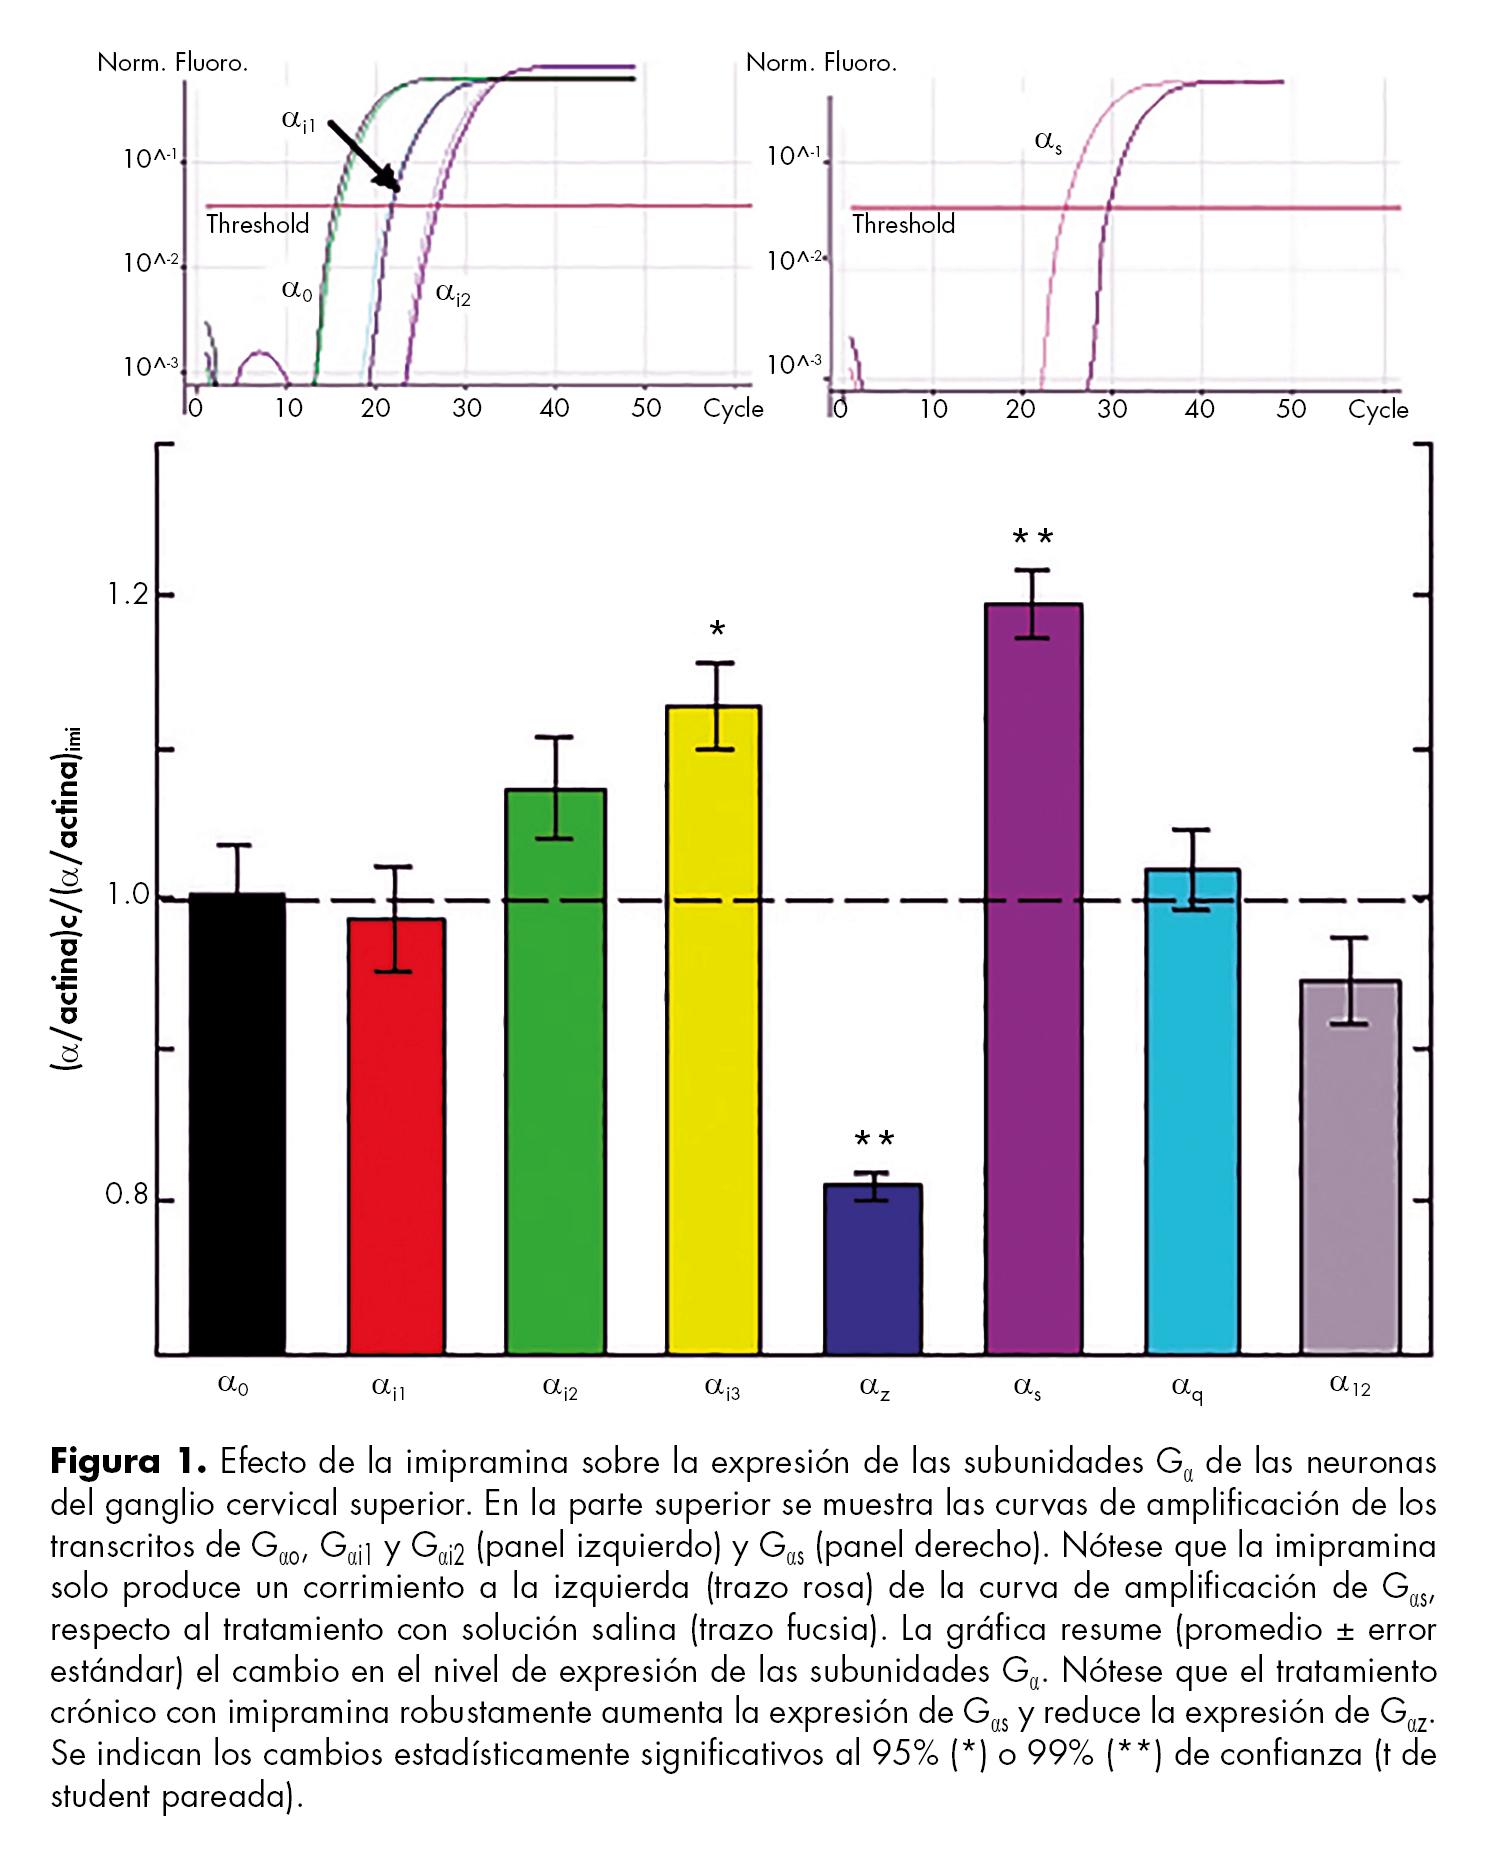 Efecto de la imipramina sobre la expresión de las subunidades Ga de las neuronas del ganglio cervical superior.